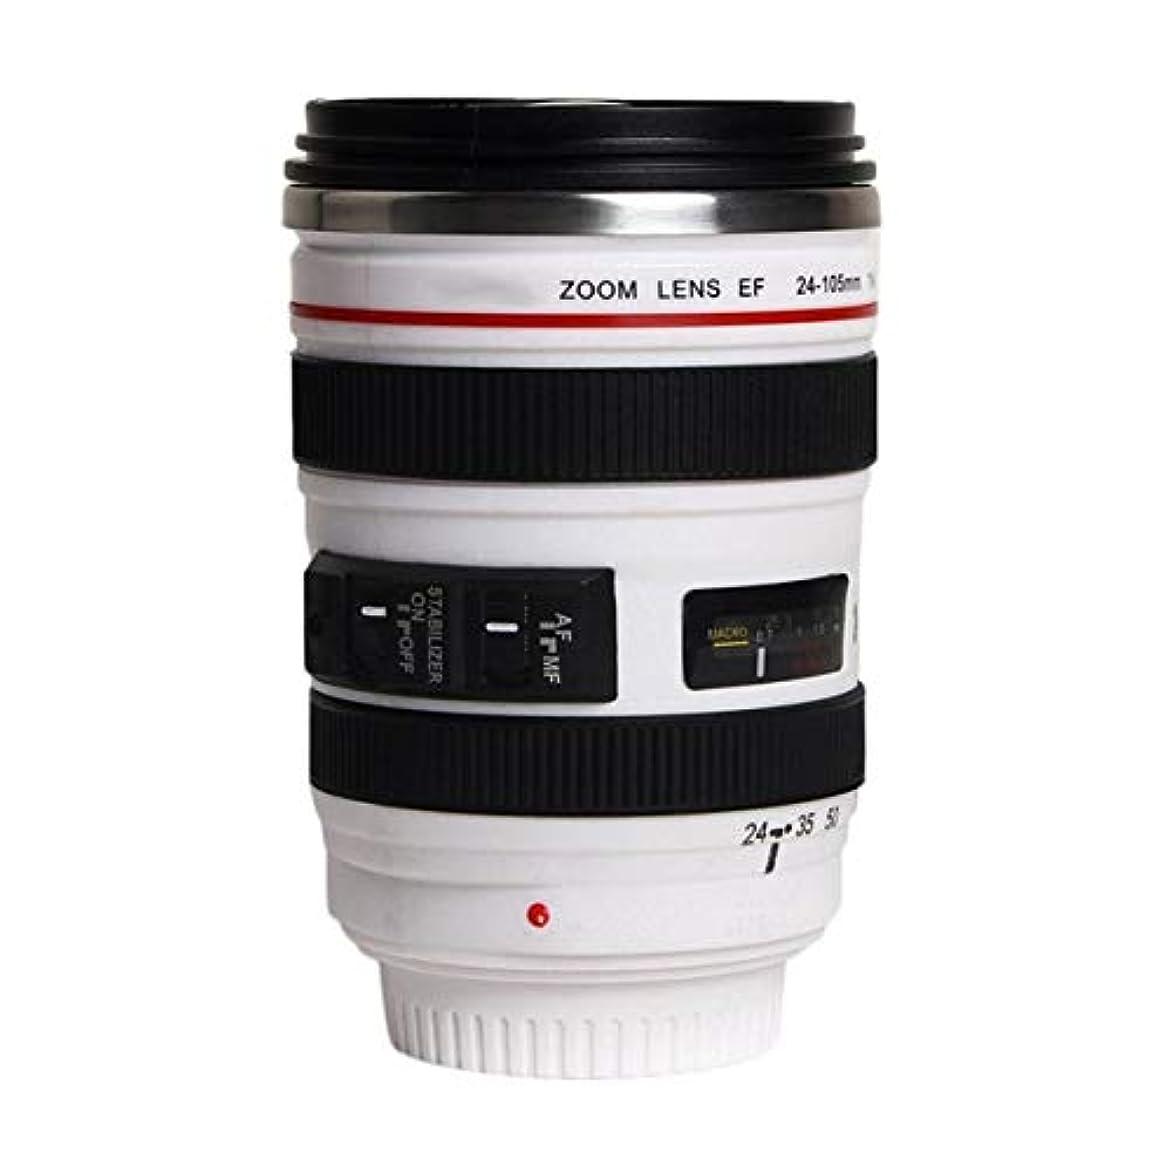 シェルター映画クリックSaikogoods ファッション1PCS耐久DIYステンレス鋼真空フラスコ旅行コーヒーマグカップ水コーヒーティーカメラレンズカップのふたギフト付き 白